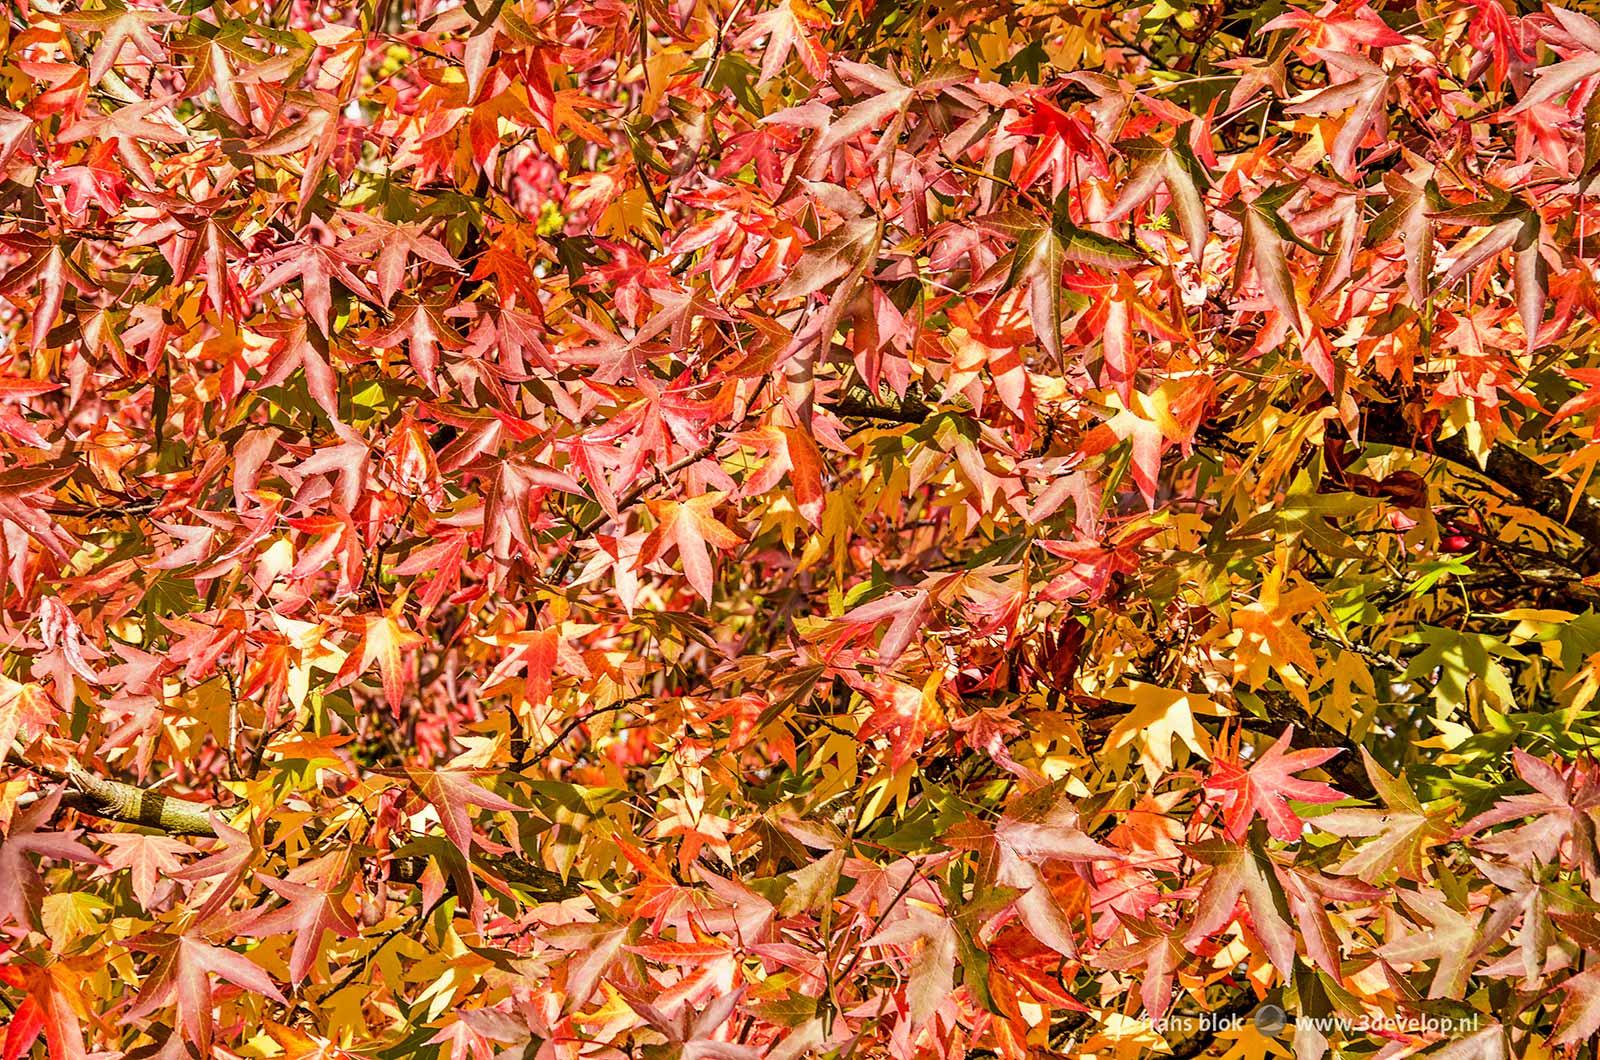 Bijna abstract en veelkleurig beeld van de bladeren van een amberboom (liquidambar styraciflua) in de herfst